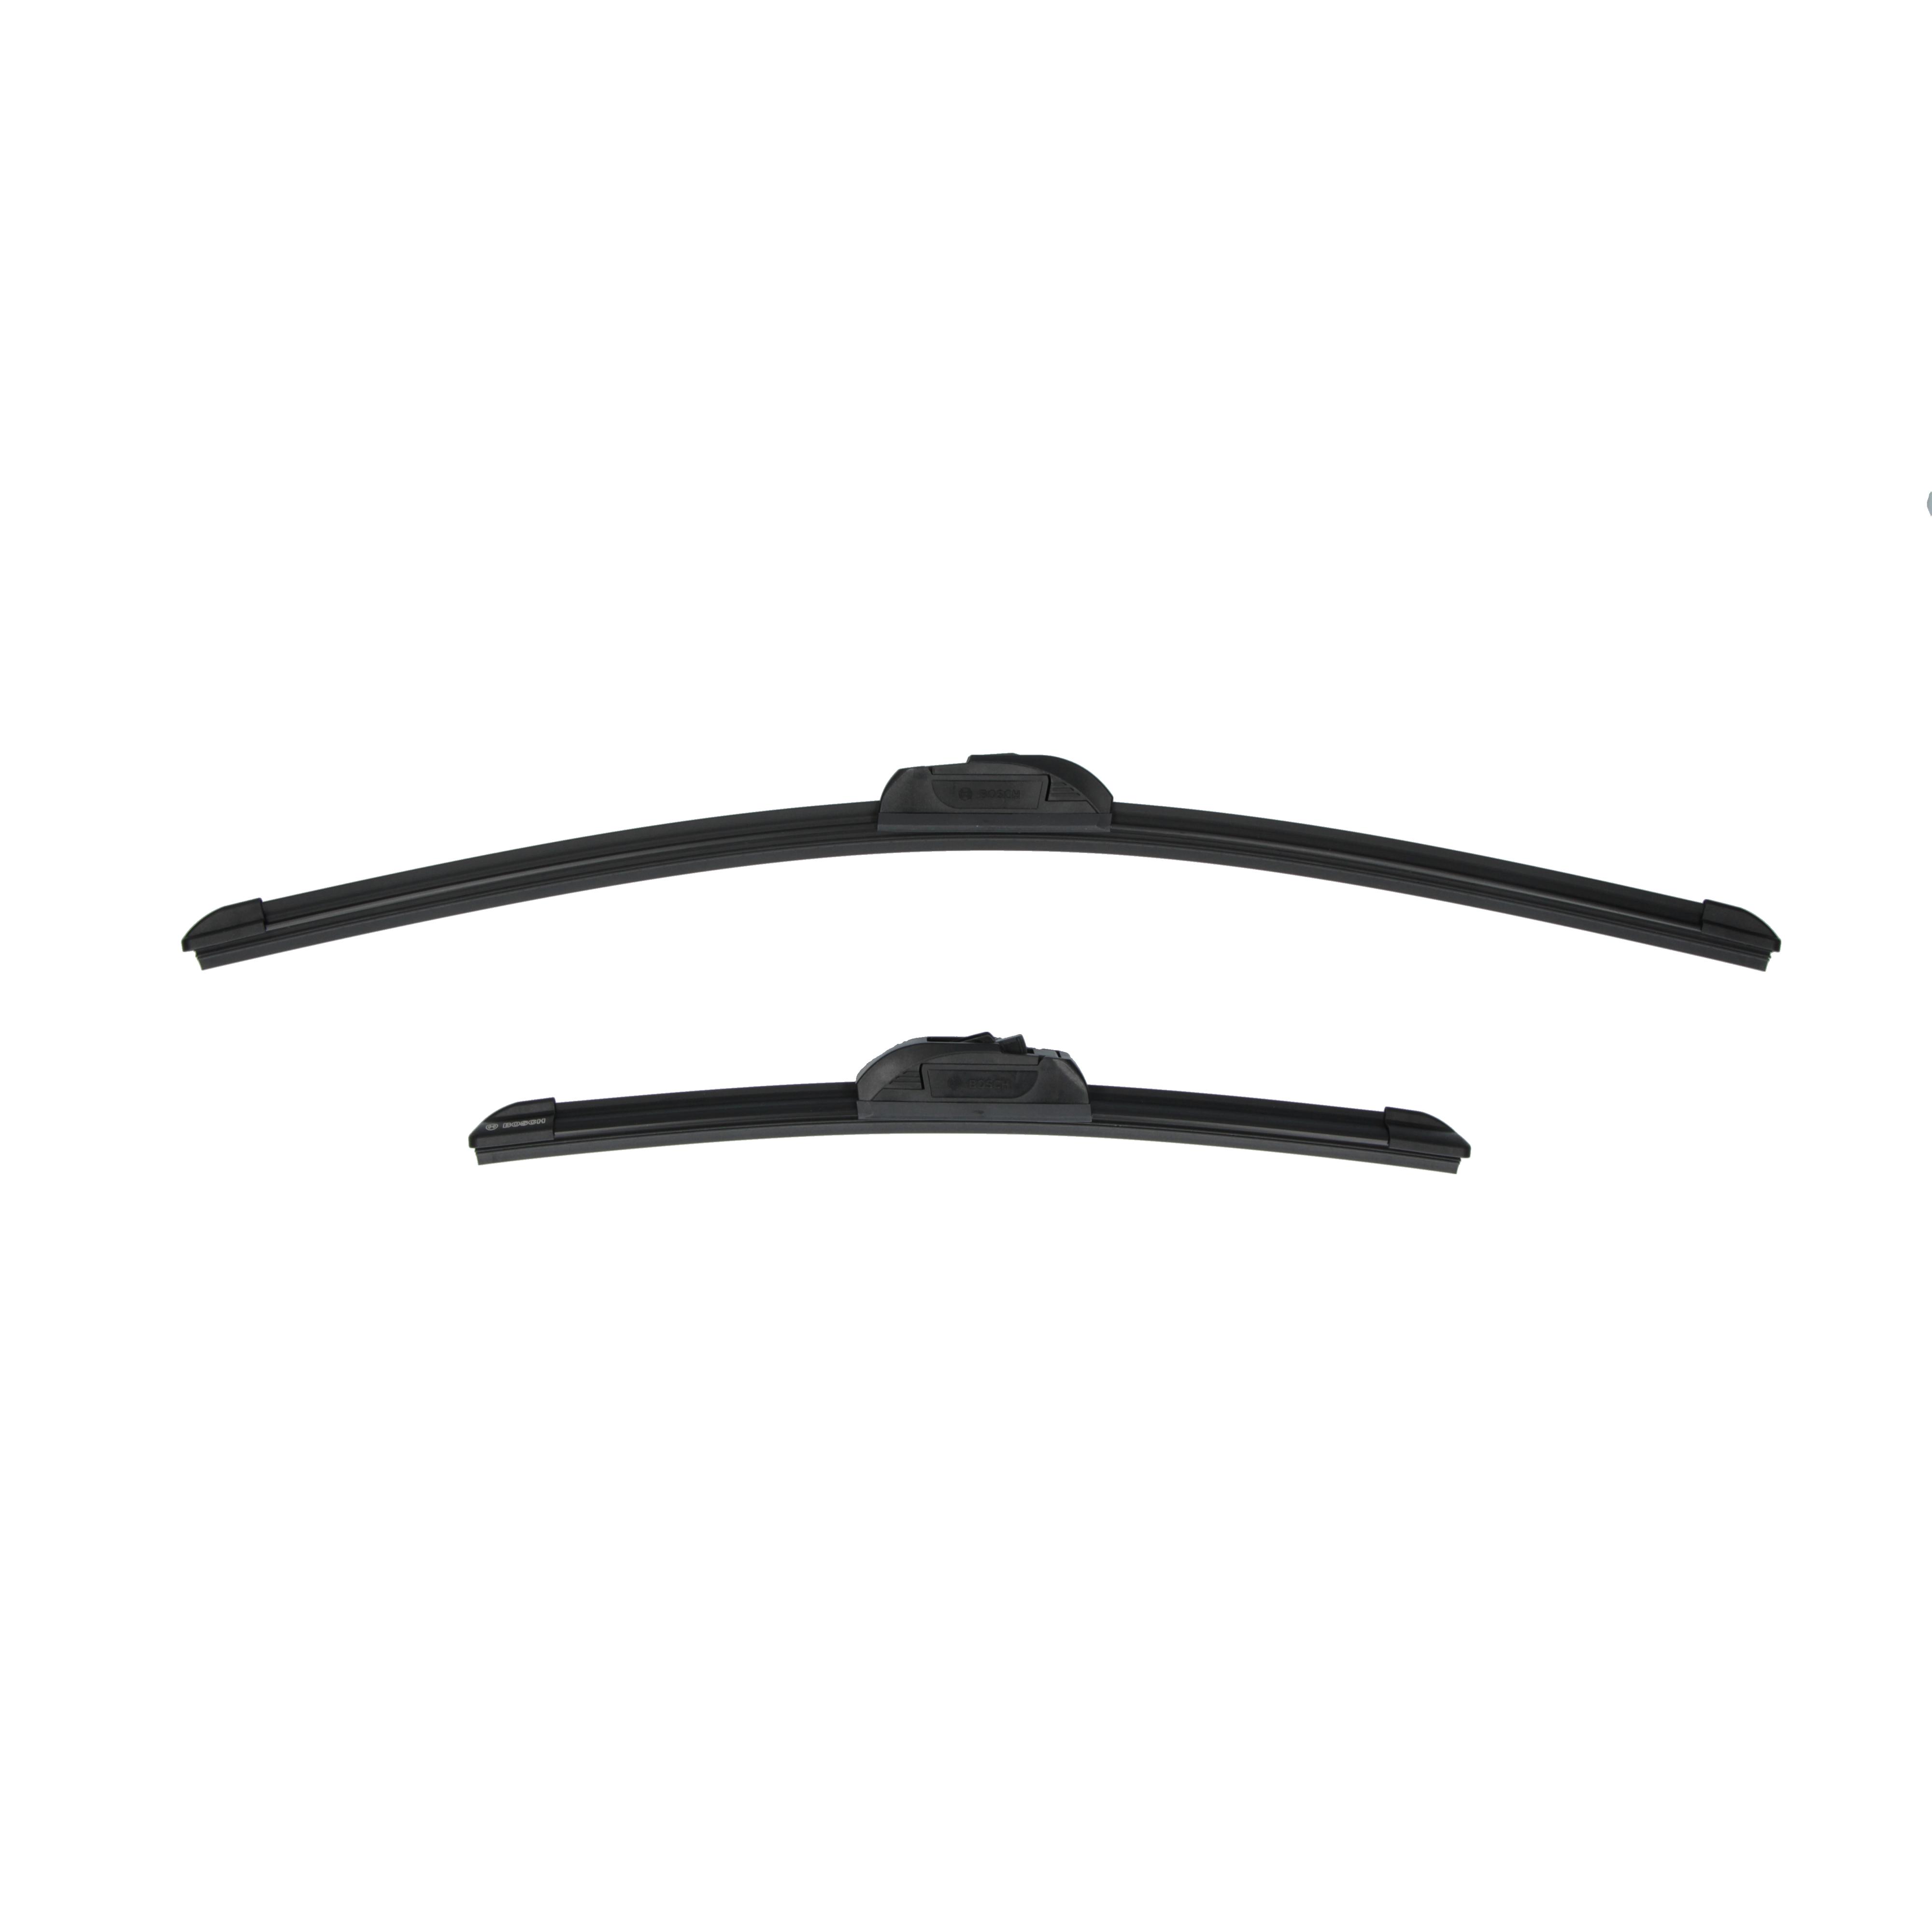 avant longueur 1 De raclettes essuie-glaces Neuf Bosch 3 397 007 589 mm